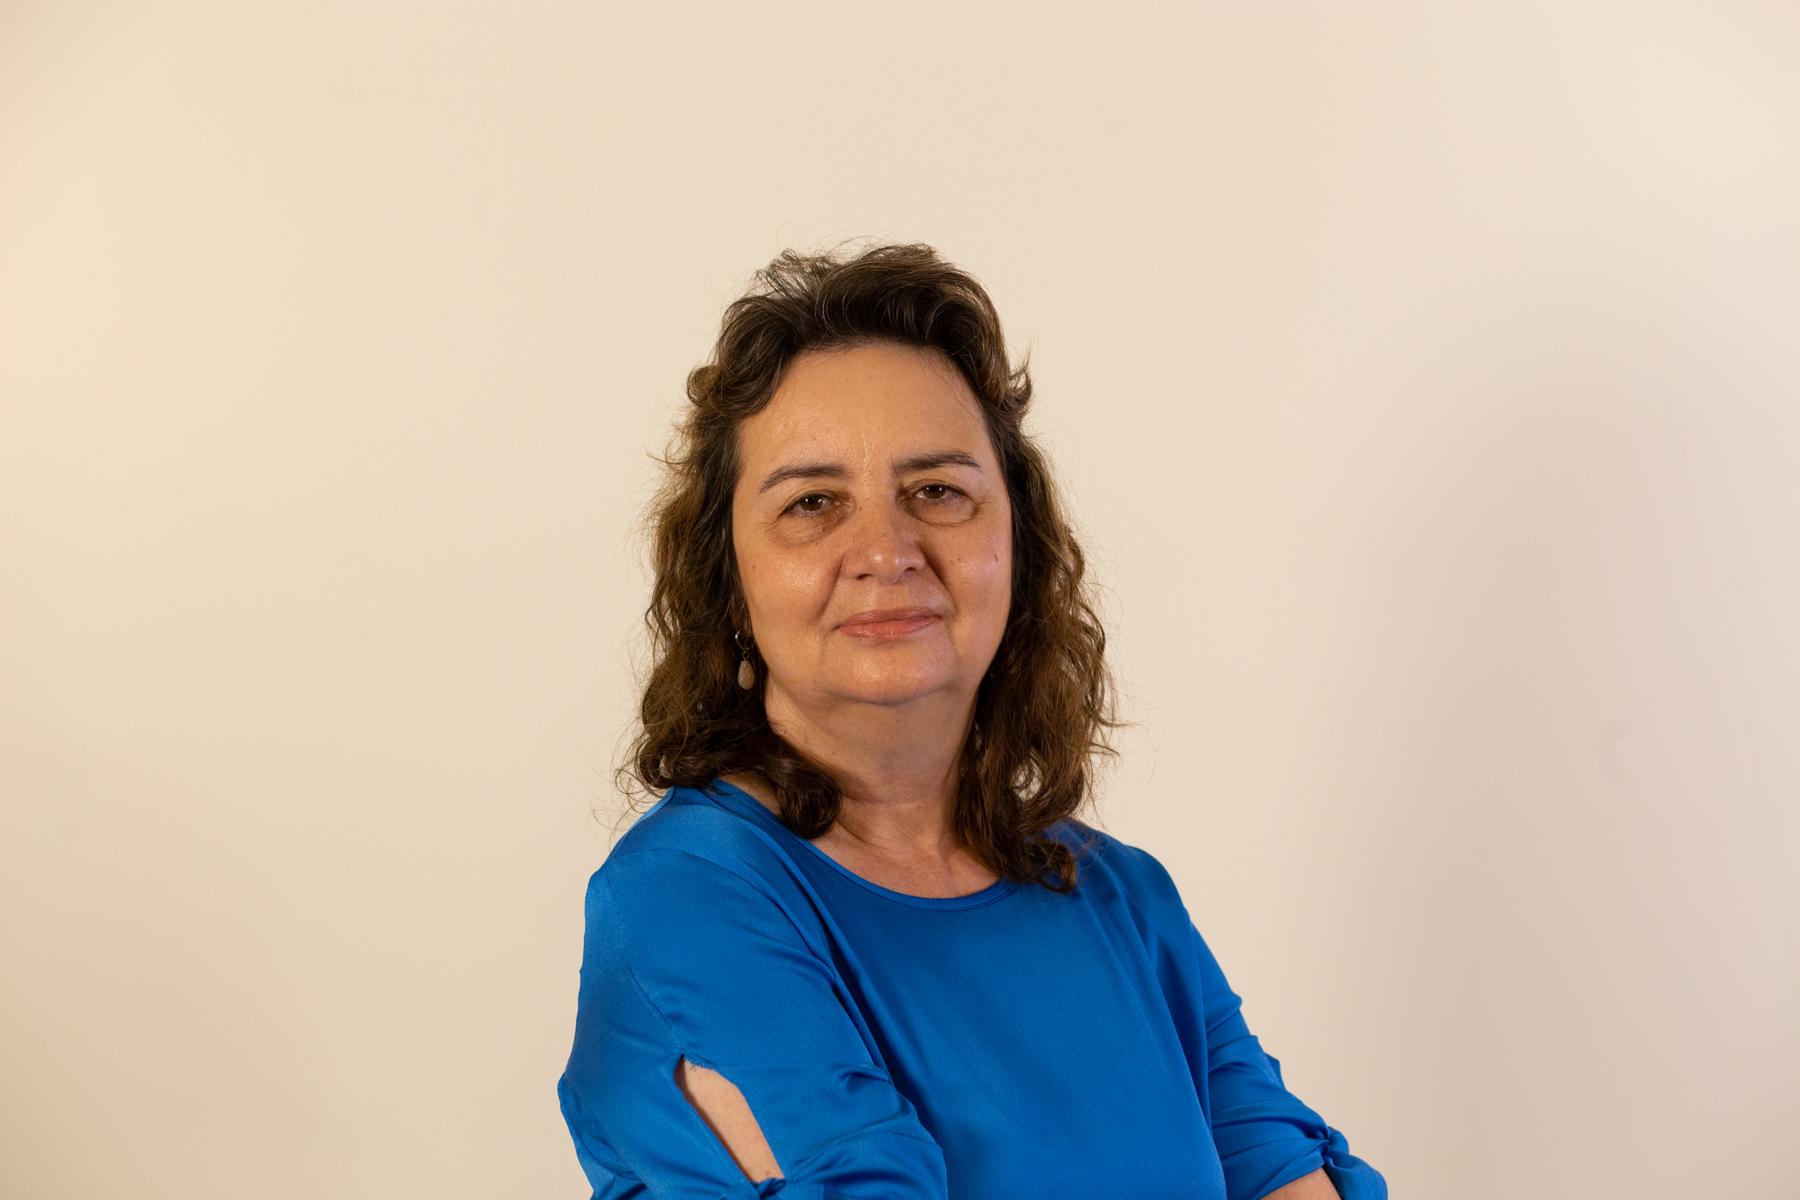 AMAPAR e JUDICEMED convidam para o encontro com a professora Lúcia Helena Galvão